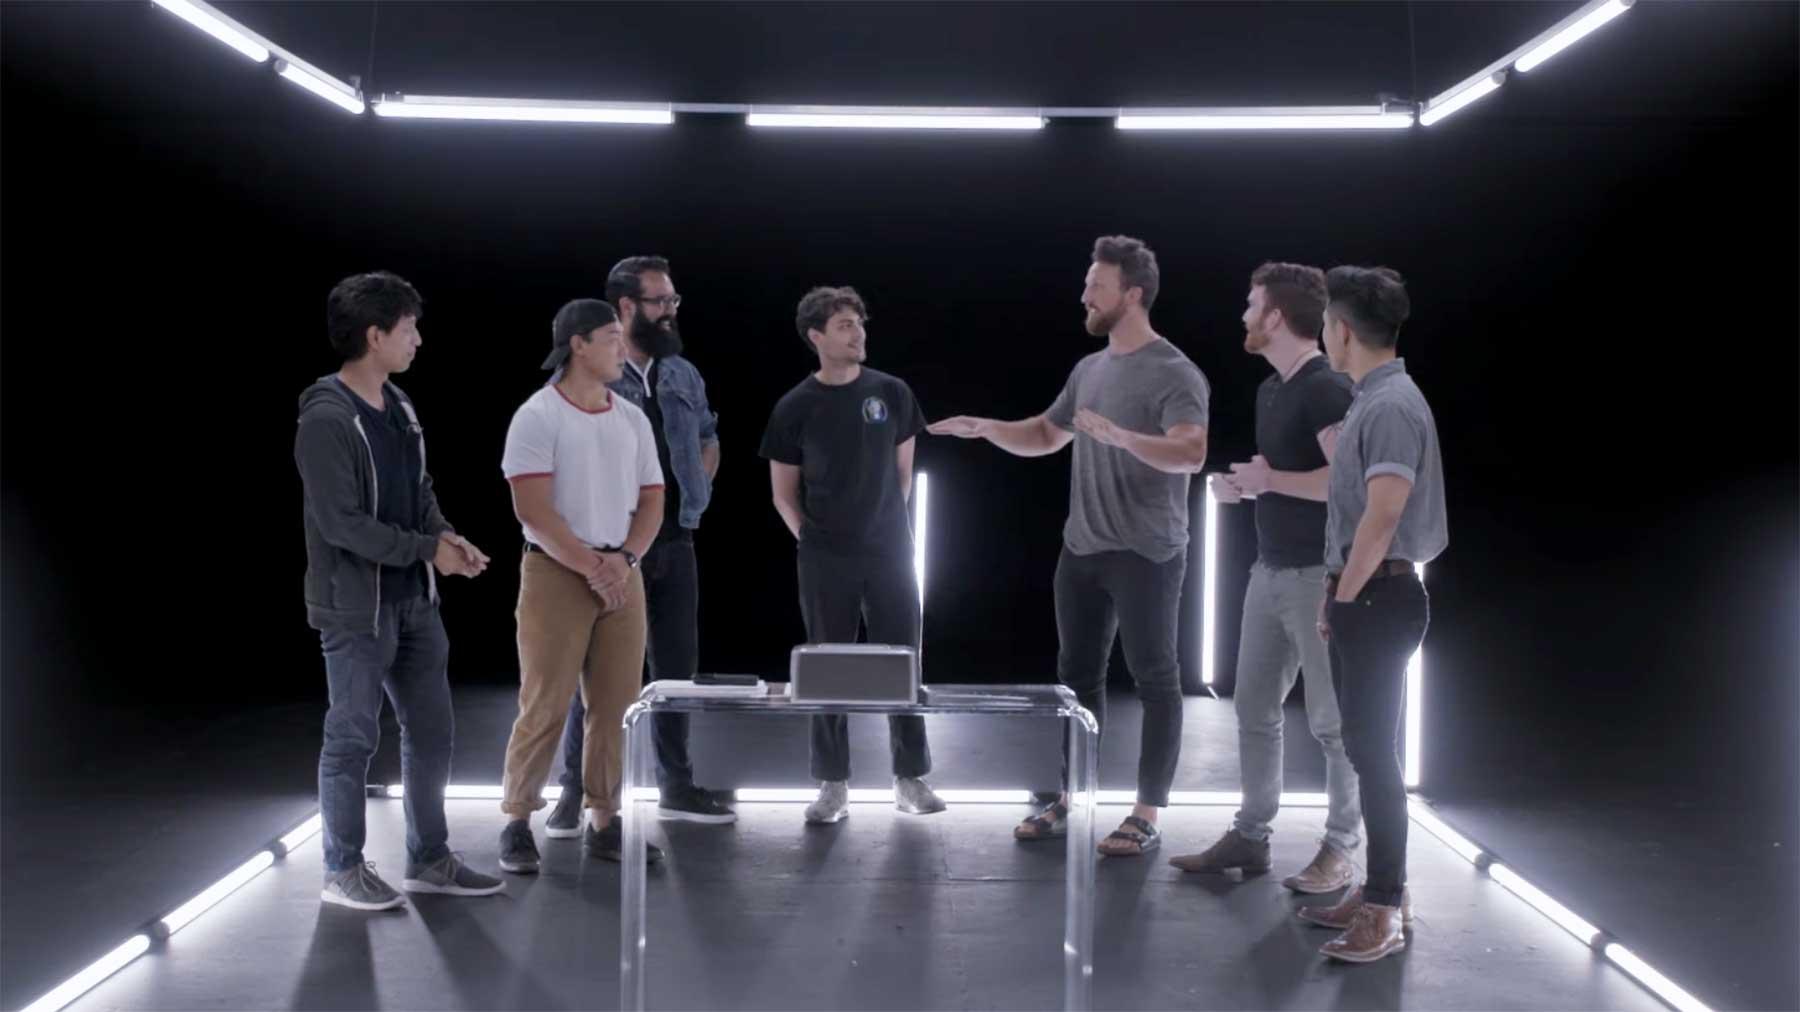 Wer ist der geheime Homosexuelle unter diesen 7 angeblichen Hetero-Männern?